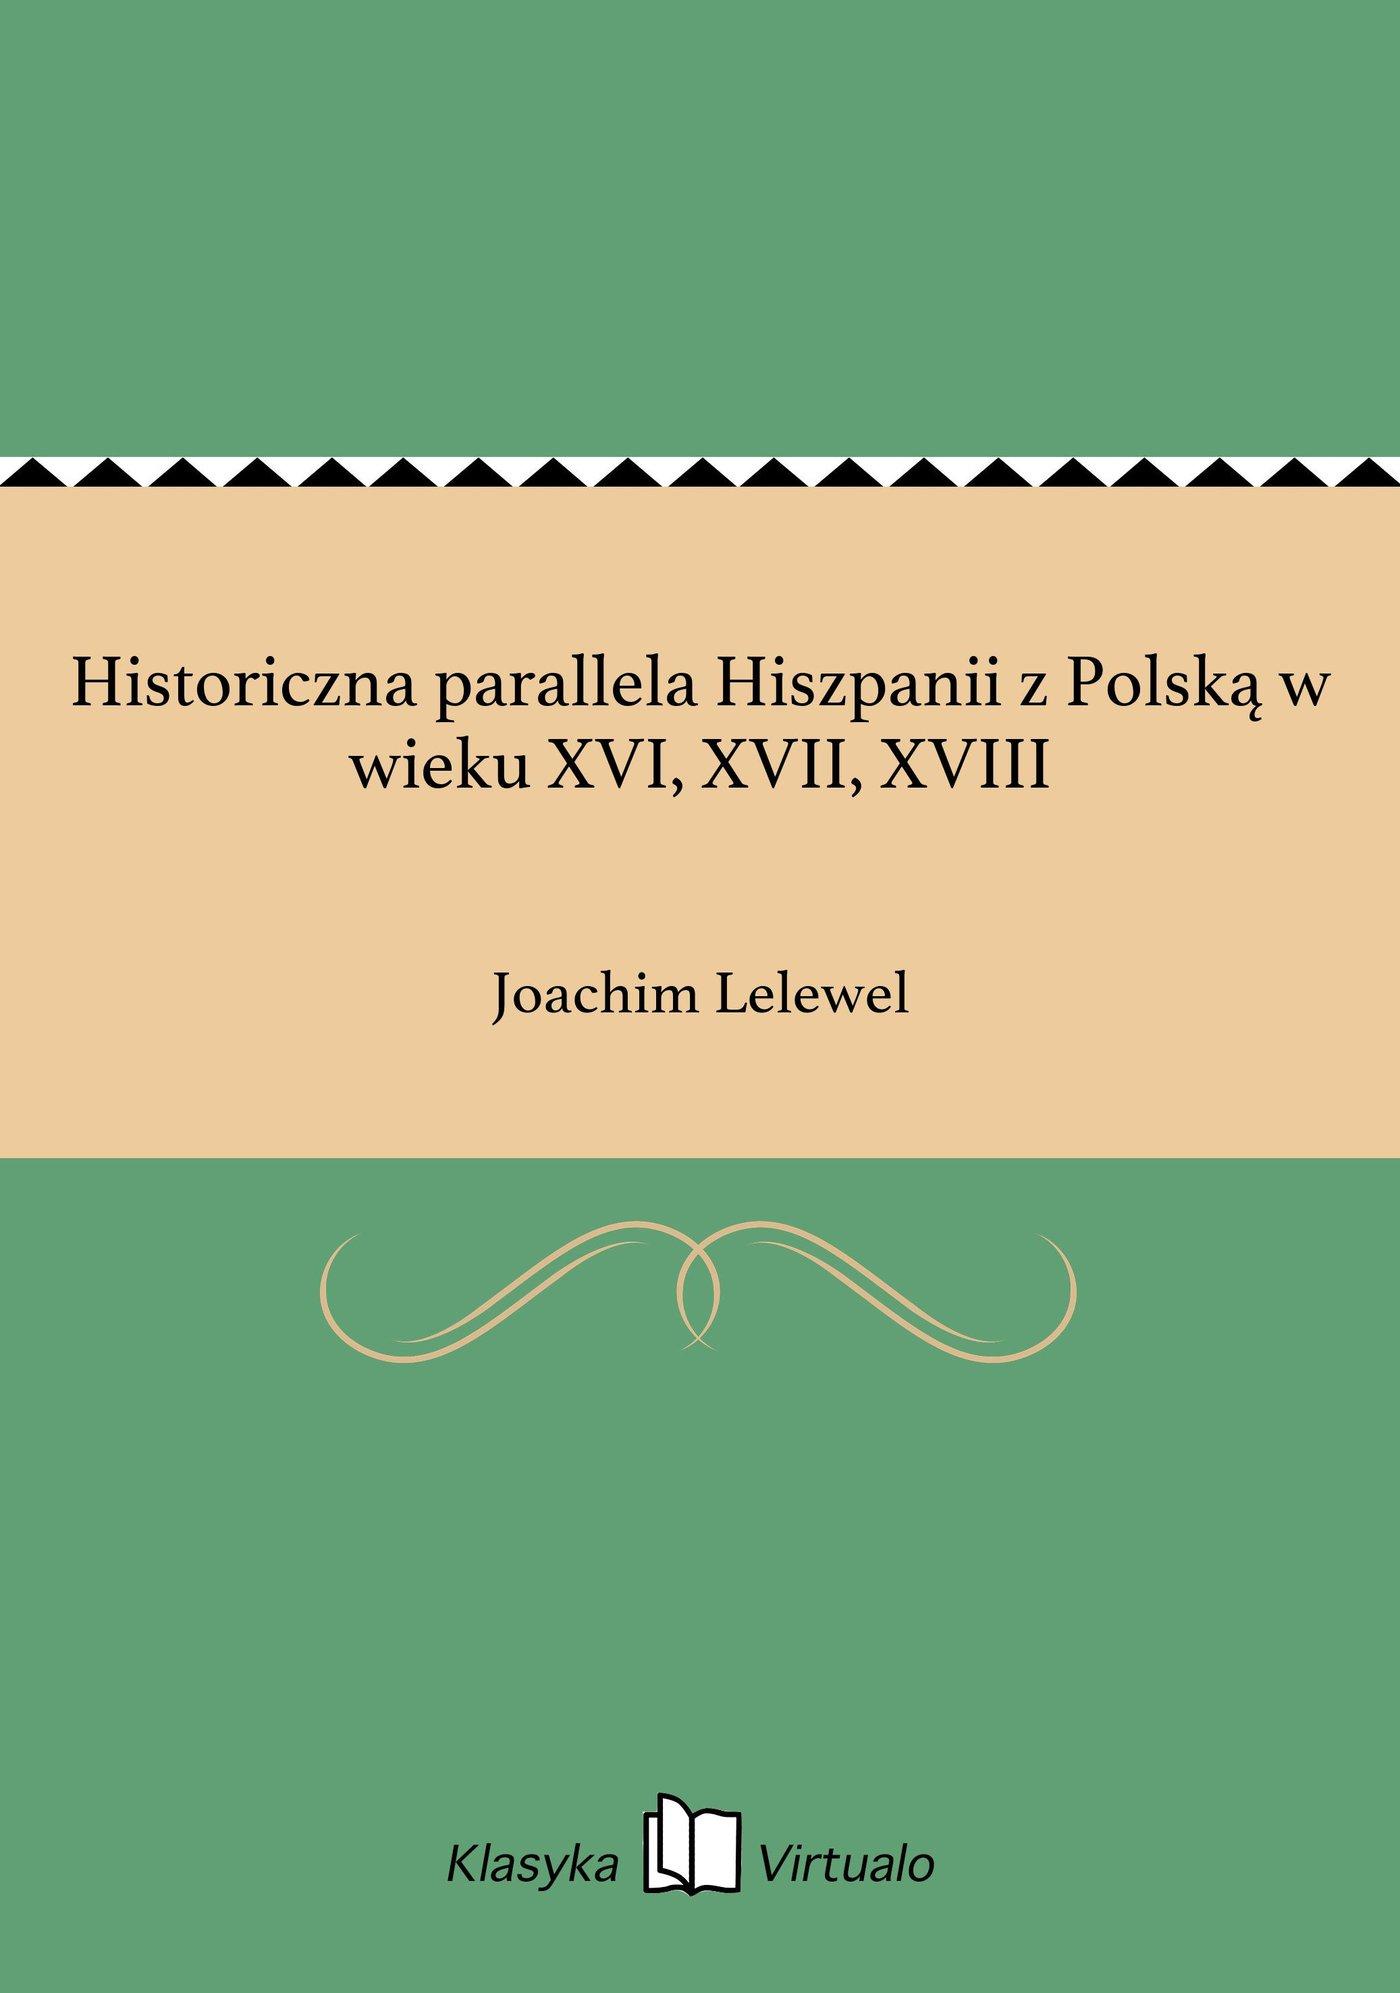 Historiczna parallela Hiszpanii z Polską w wieku XVI, XVII, XVIII - Ebook (Książka EPUB) do pobrania w formacie EPUB